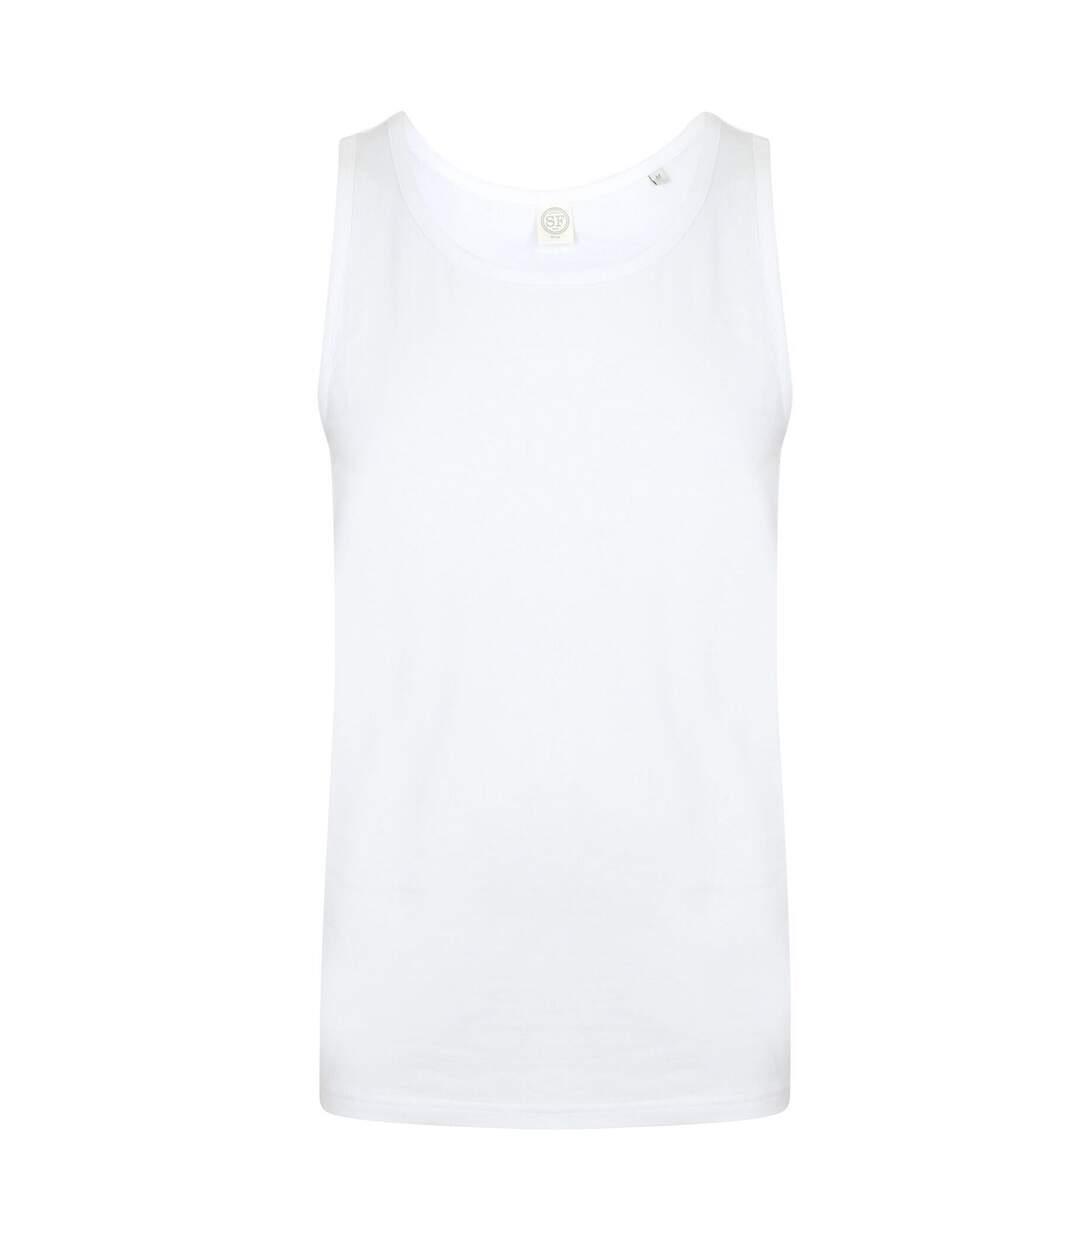 SF Mens Feel Good Stretch Vest (White) - UTPC3020